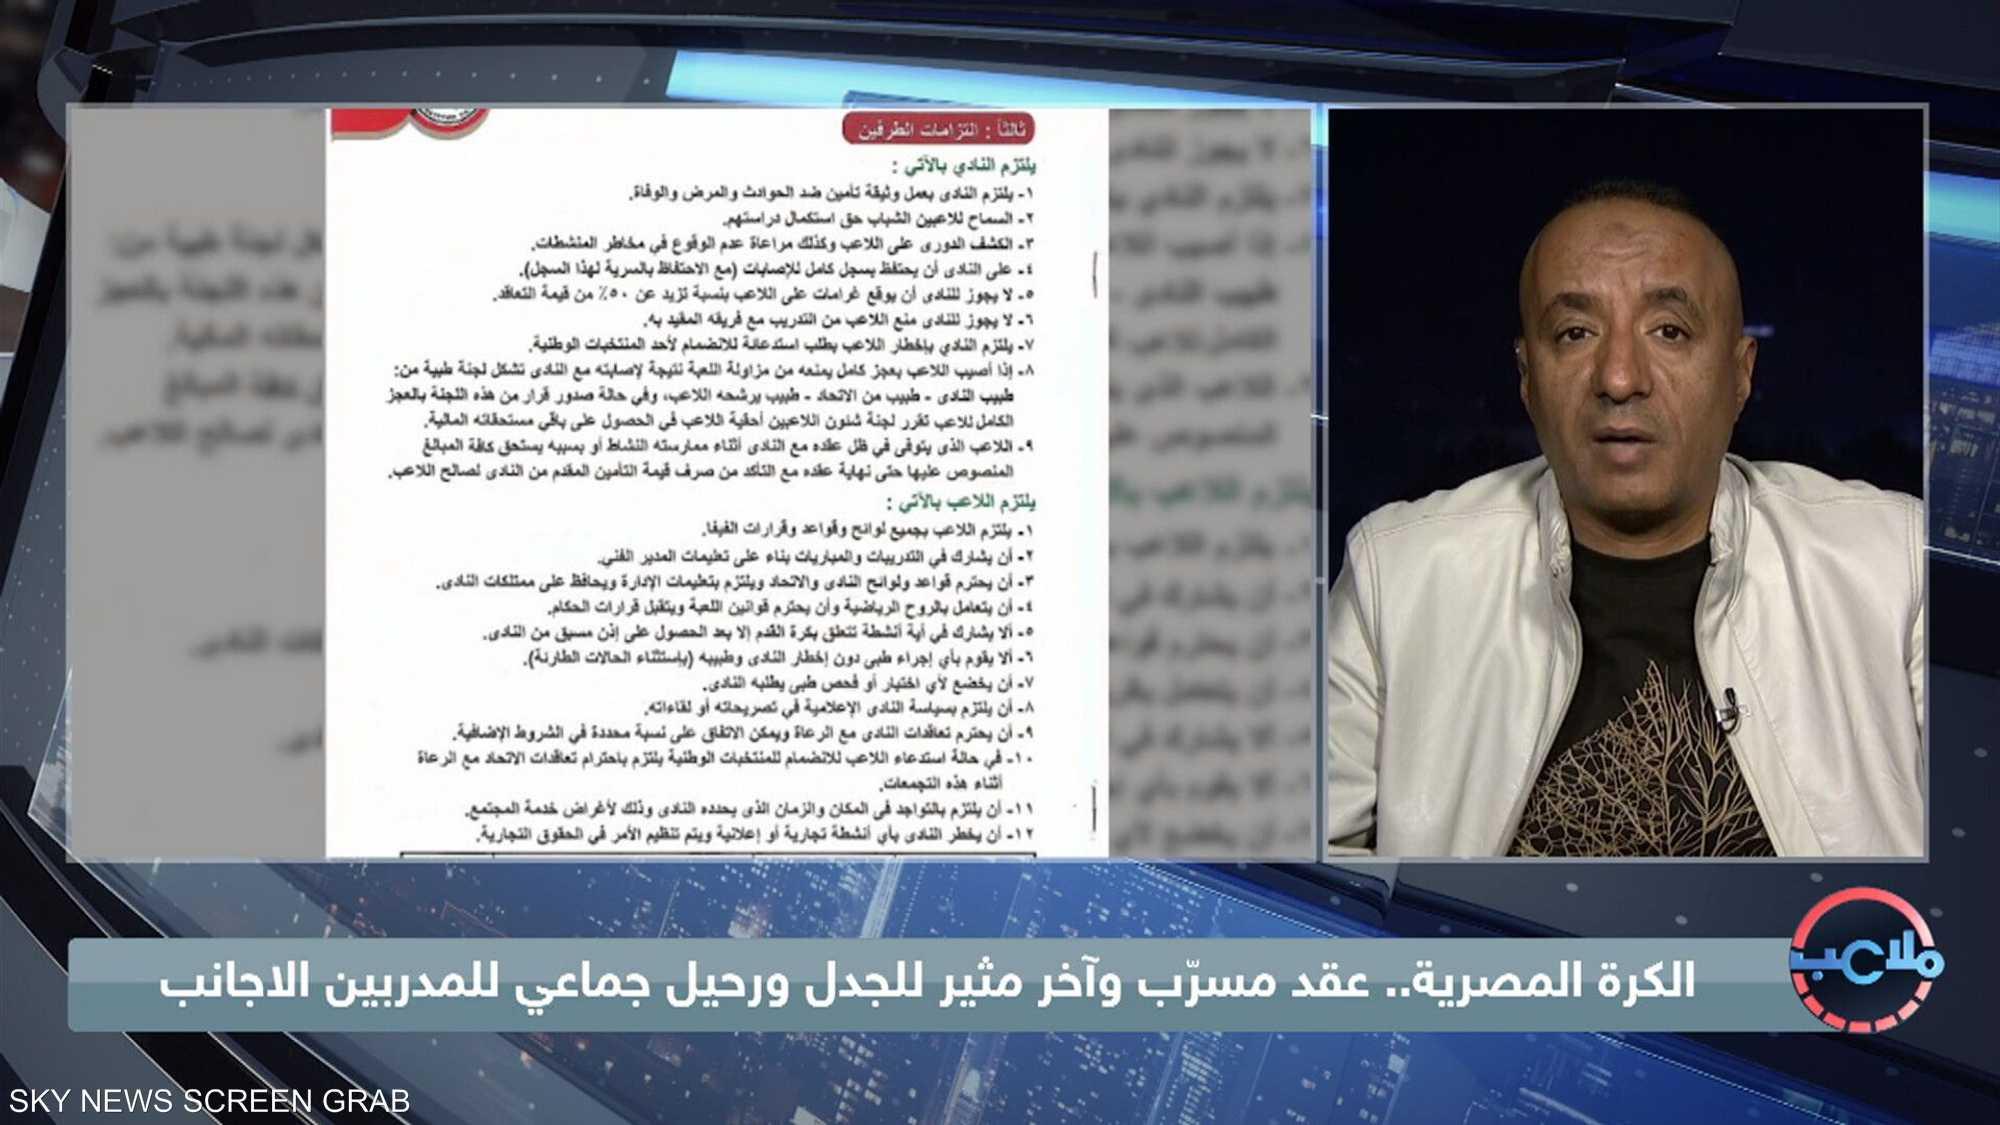 تسريب عقد مهاجم الزمالك خالد بوطيب يكشف عن خبايا بالجملة